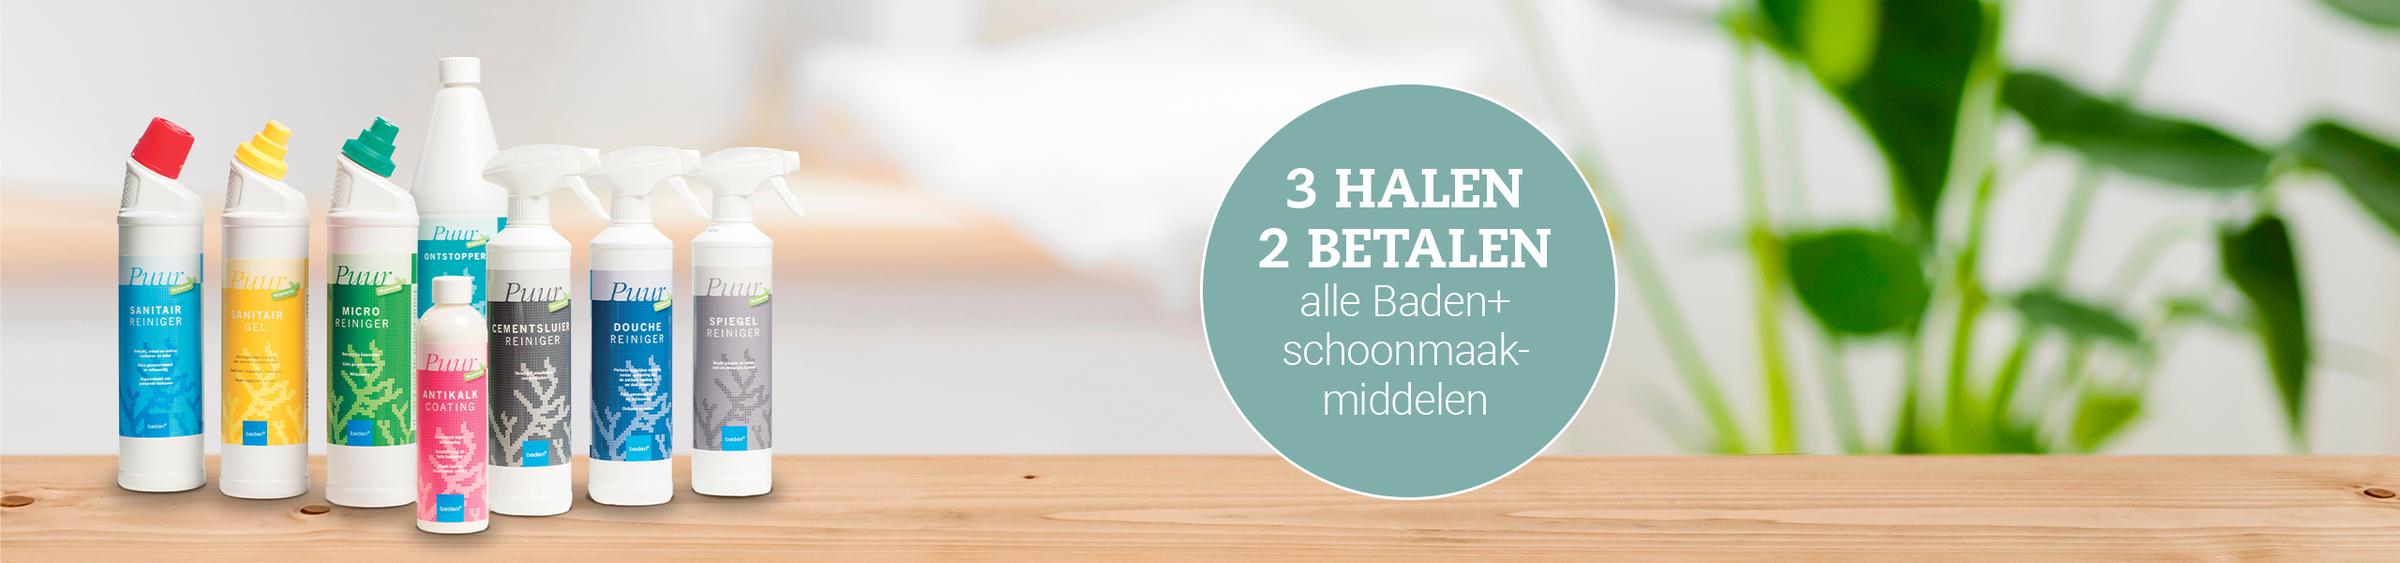 3 halen 2 betalen voor alle Baden+ schoonmaakmiddelen - 3 halen 2 betalen voor alle Baden+ schoonmaakmiddelen